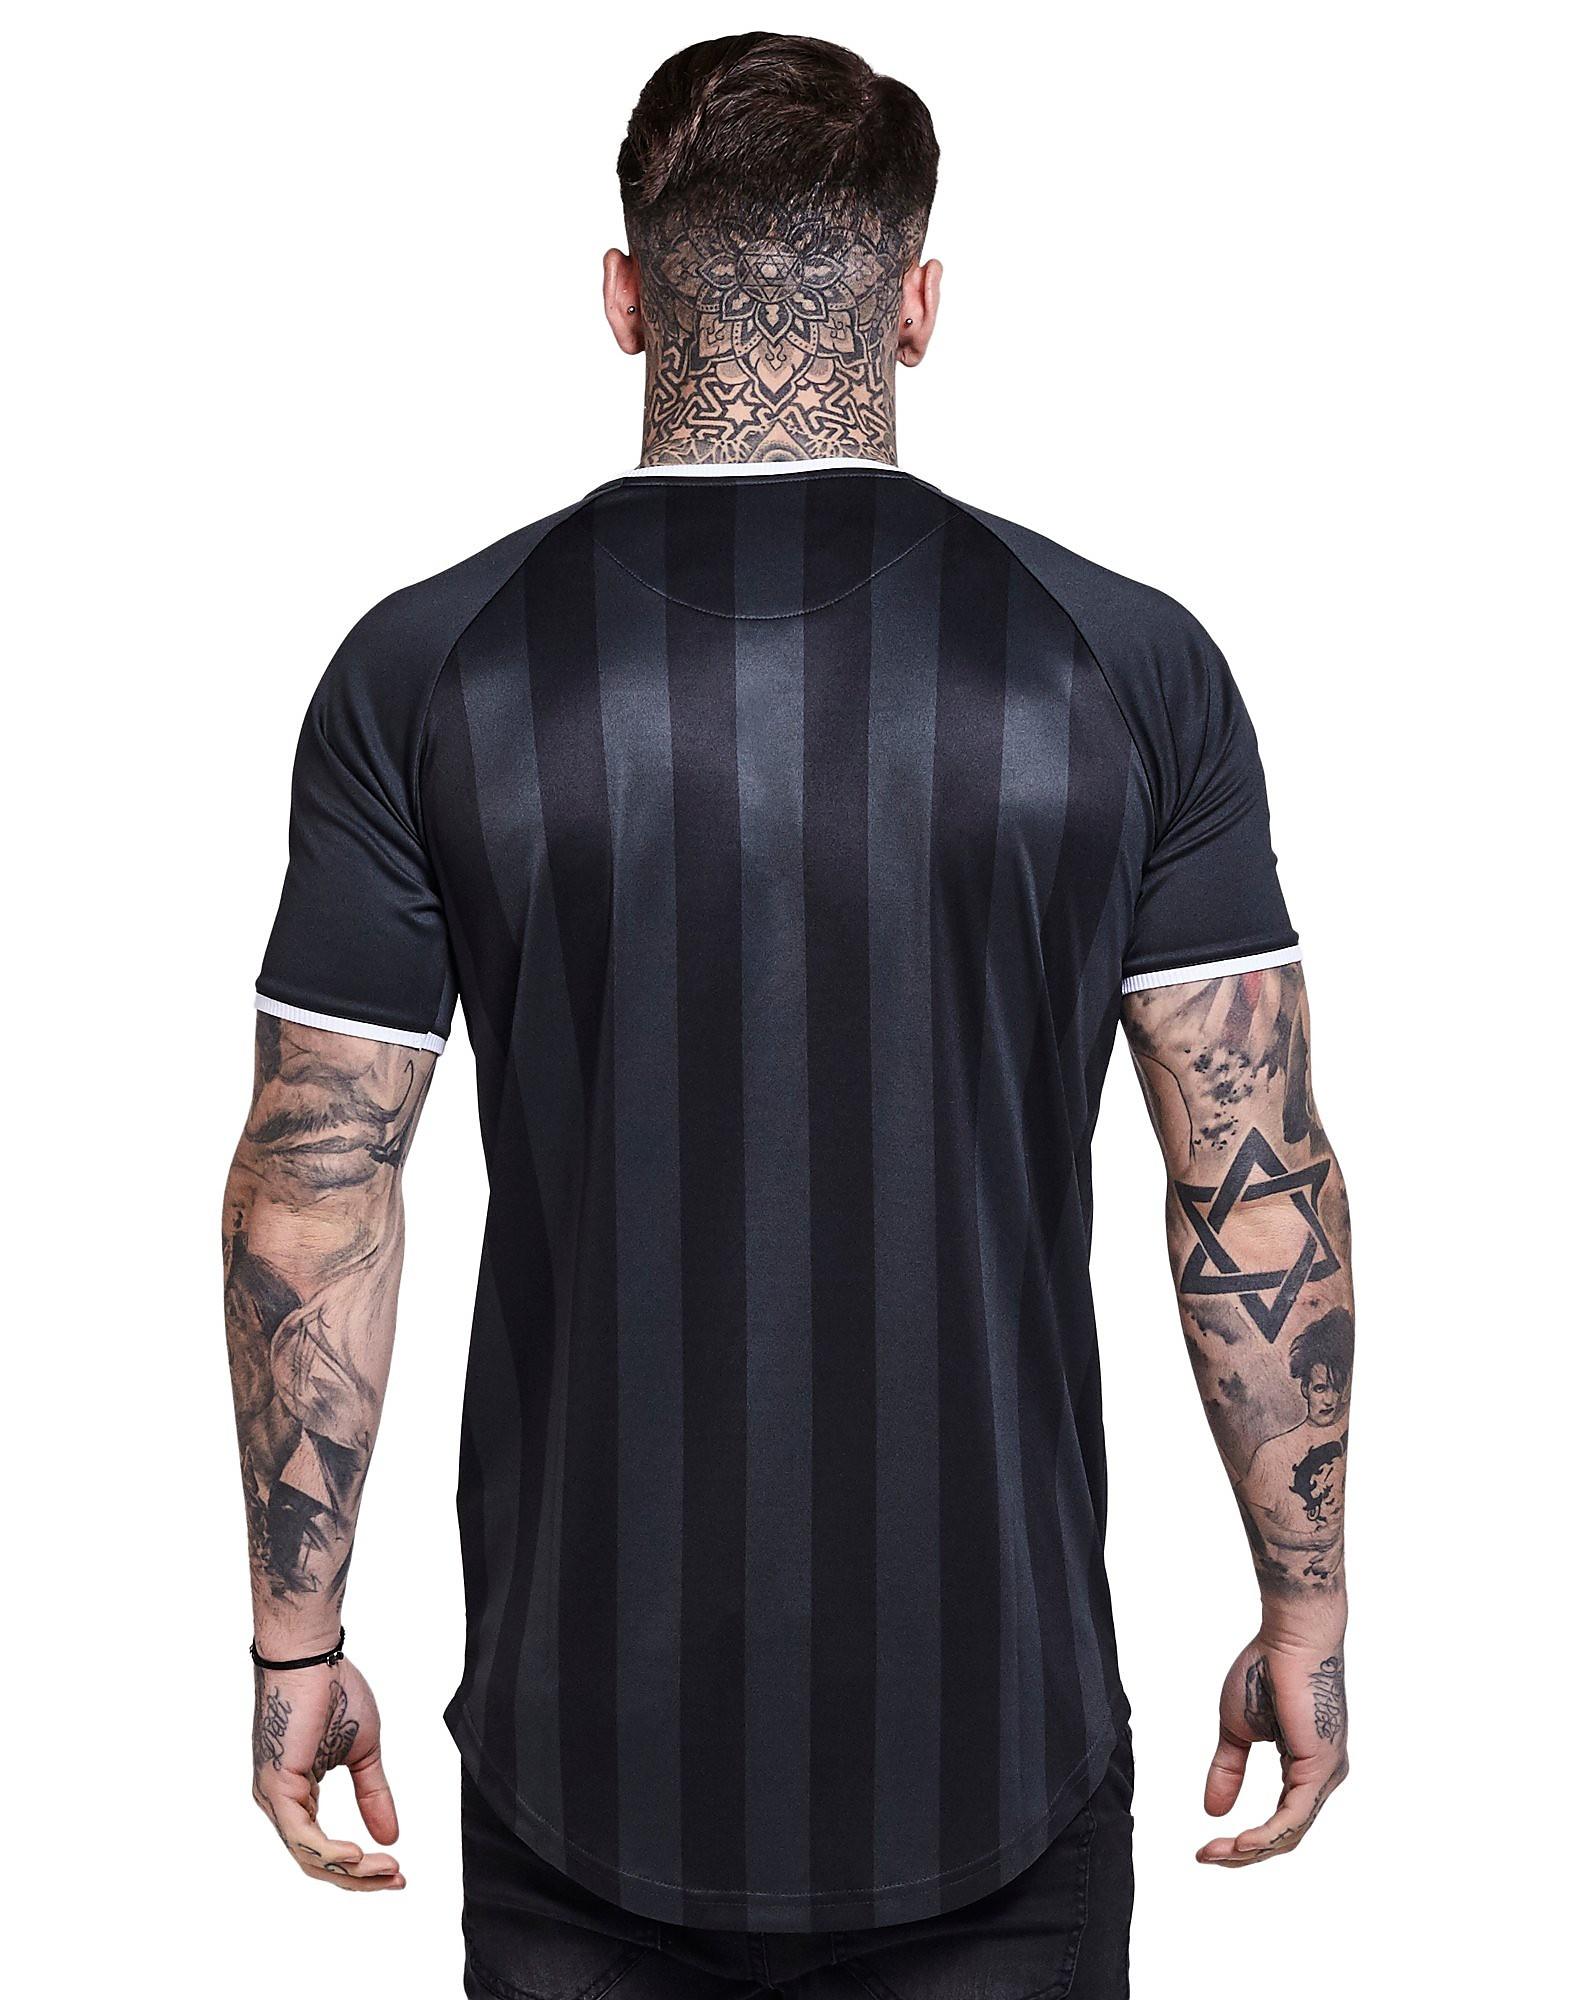 SikSilk camiseta Retro Football Stripe